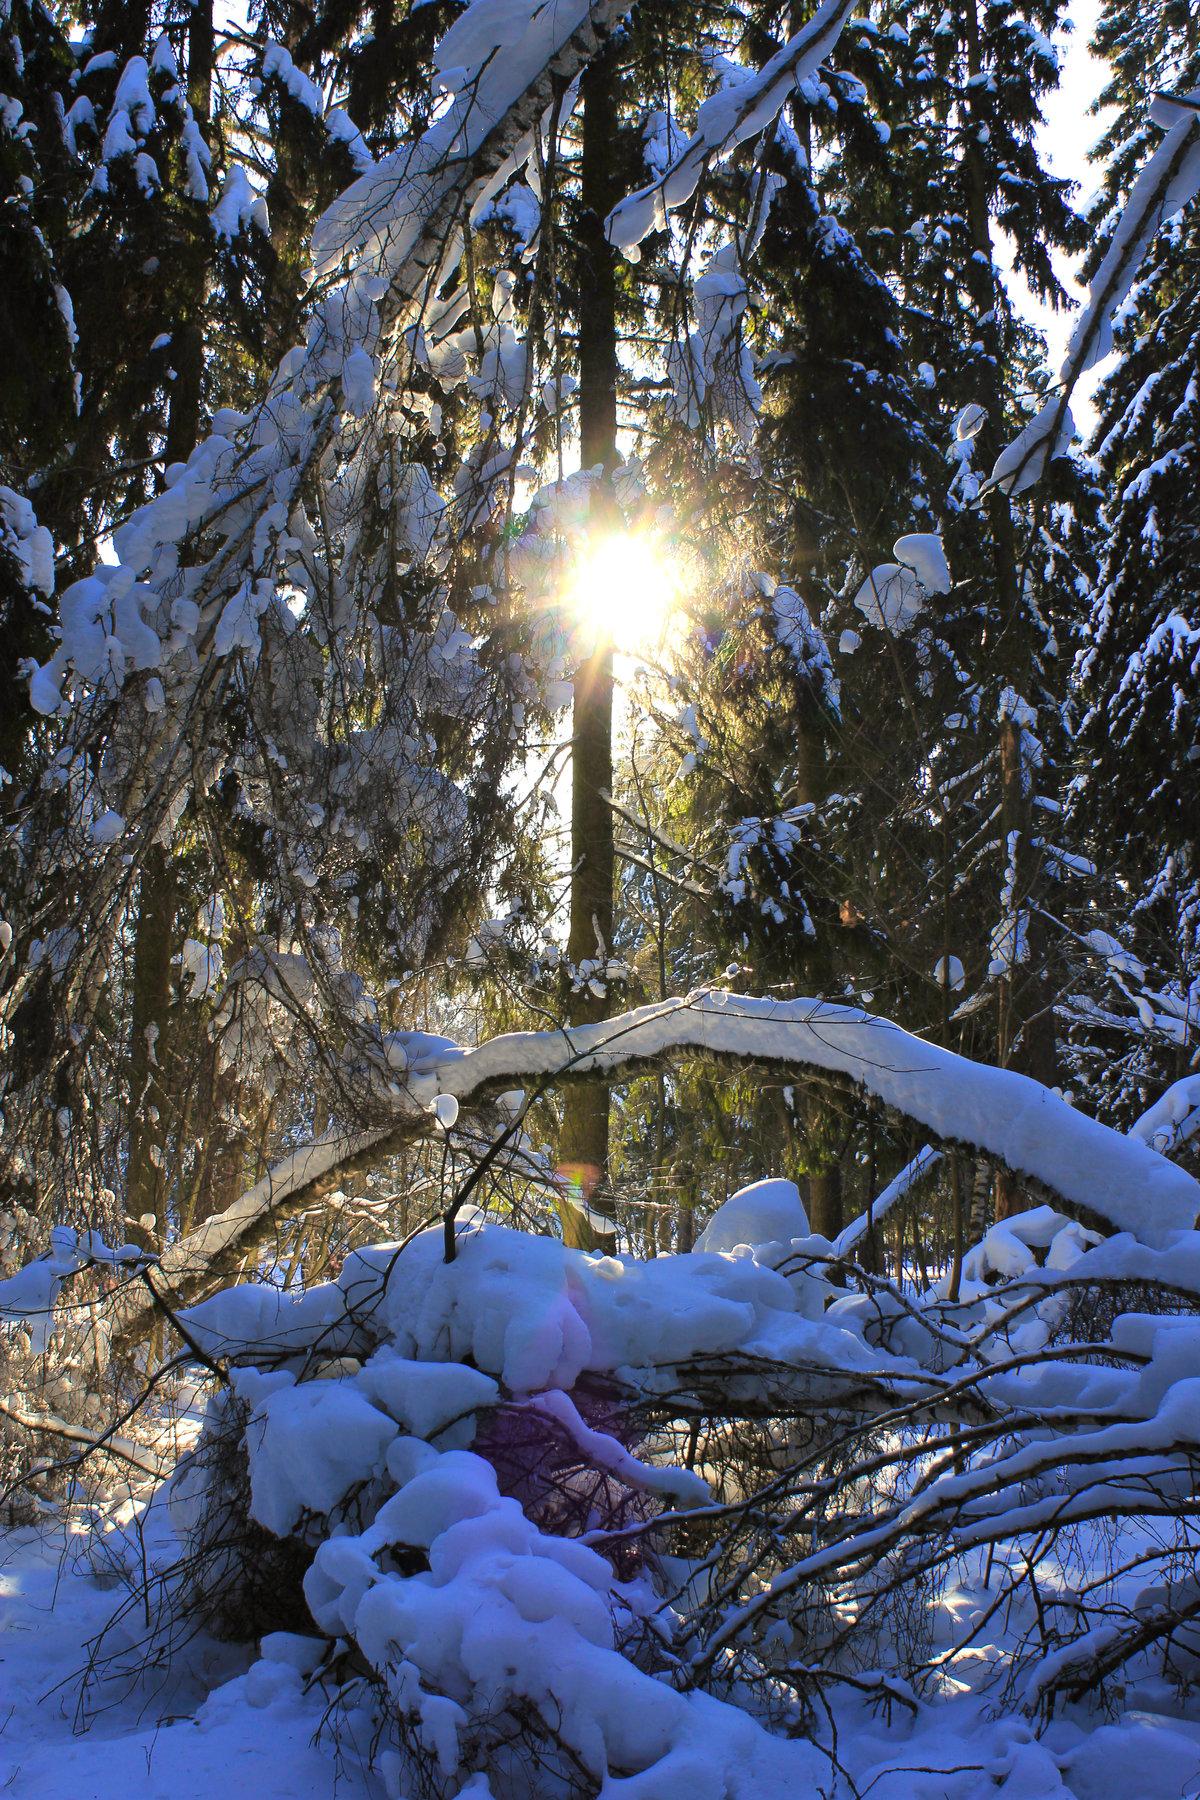 Запоминающиеся фотографии в лесу зимнем